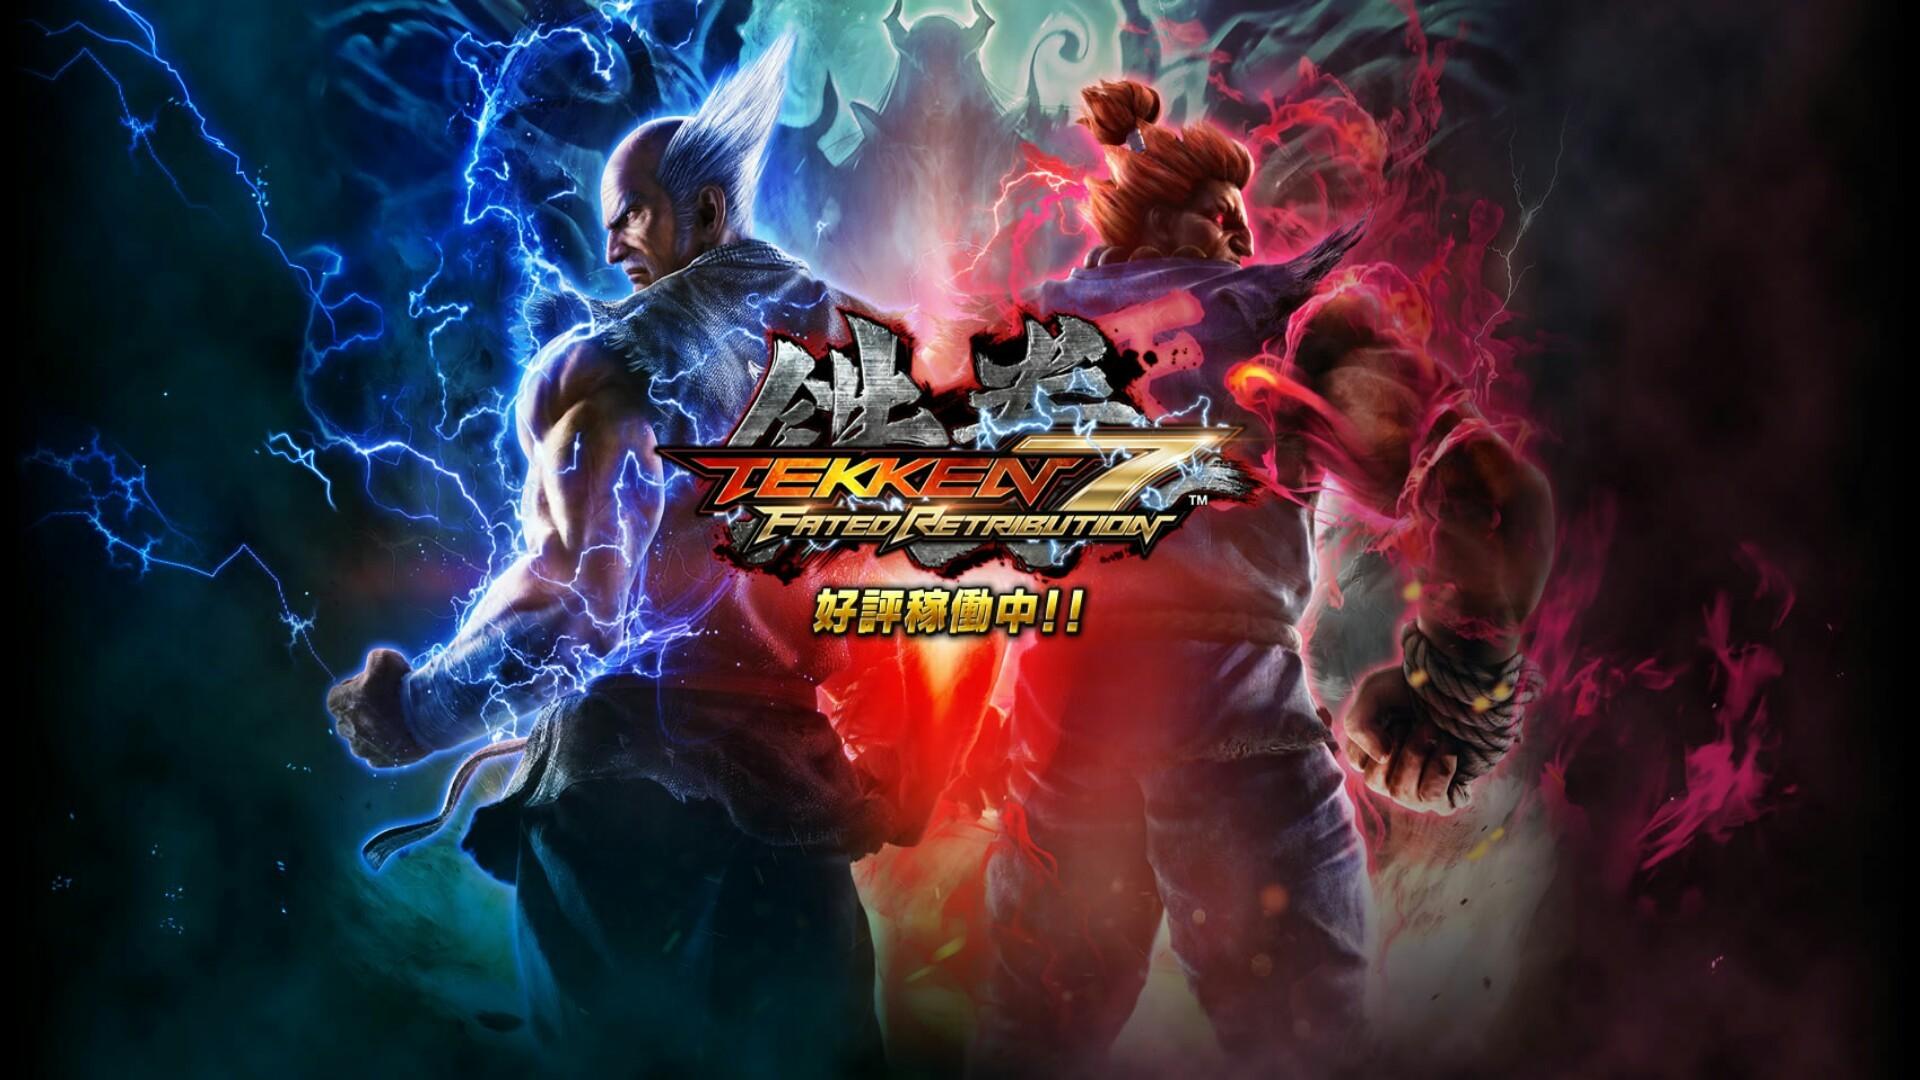 Tekken 7 Wallpapers 73 Images